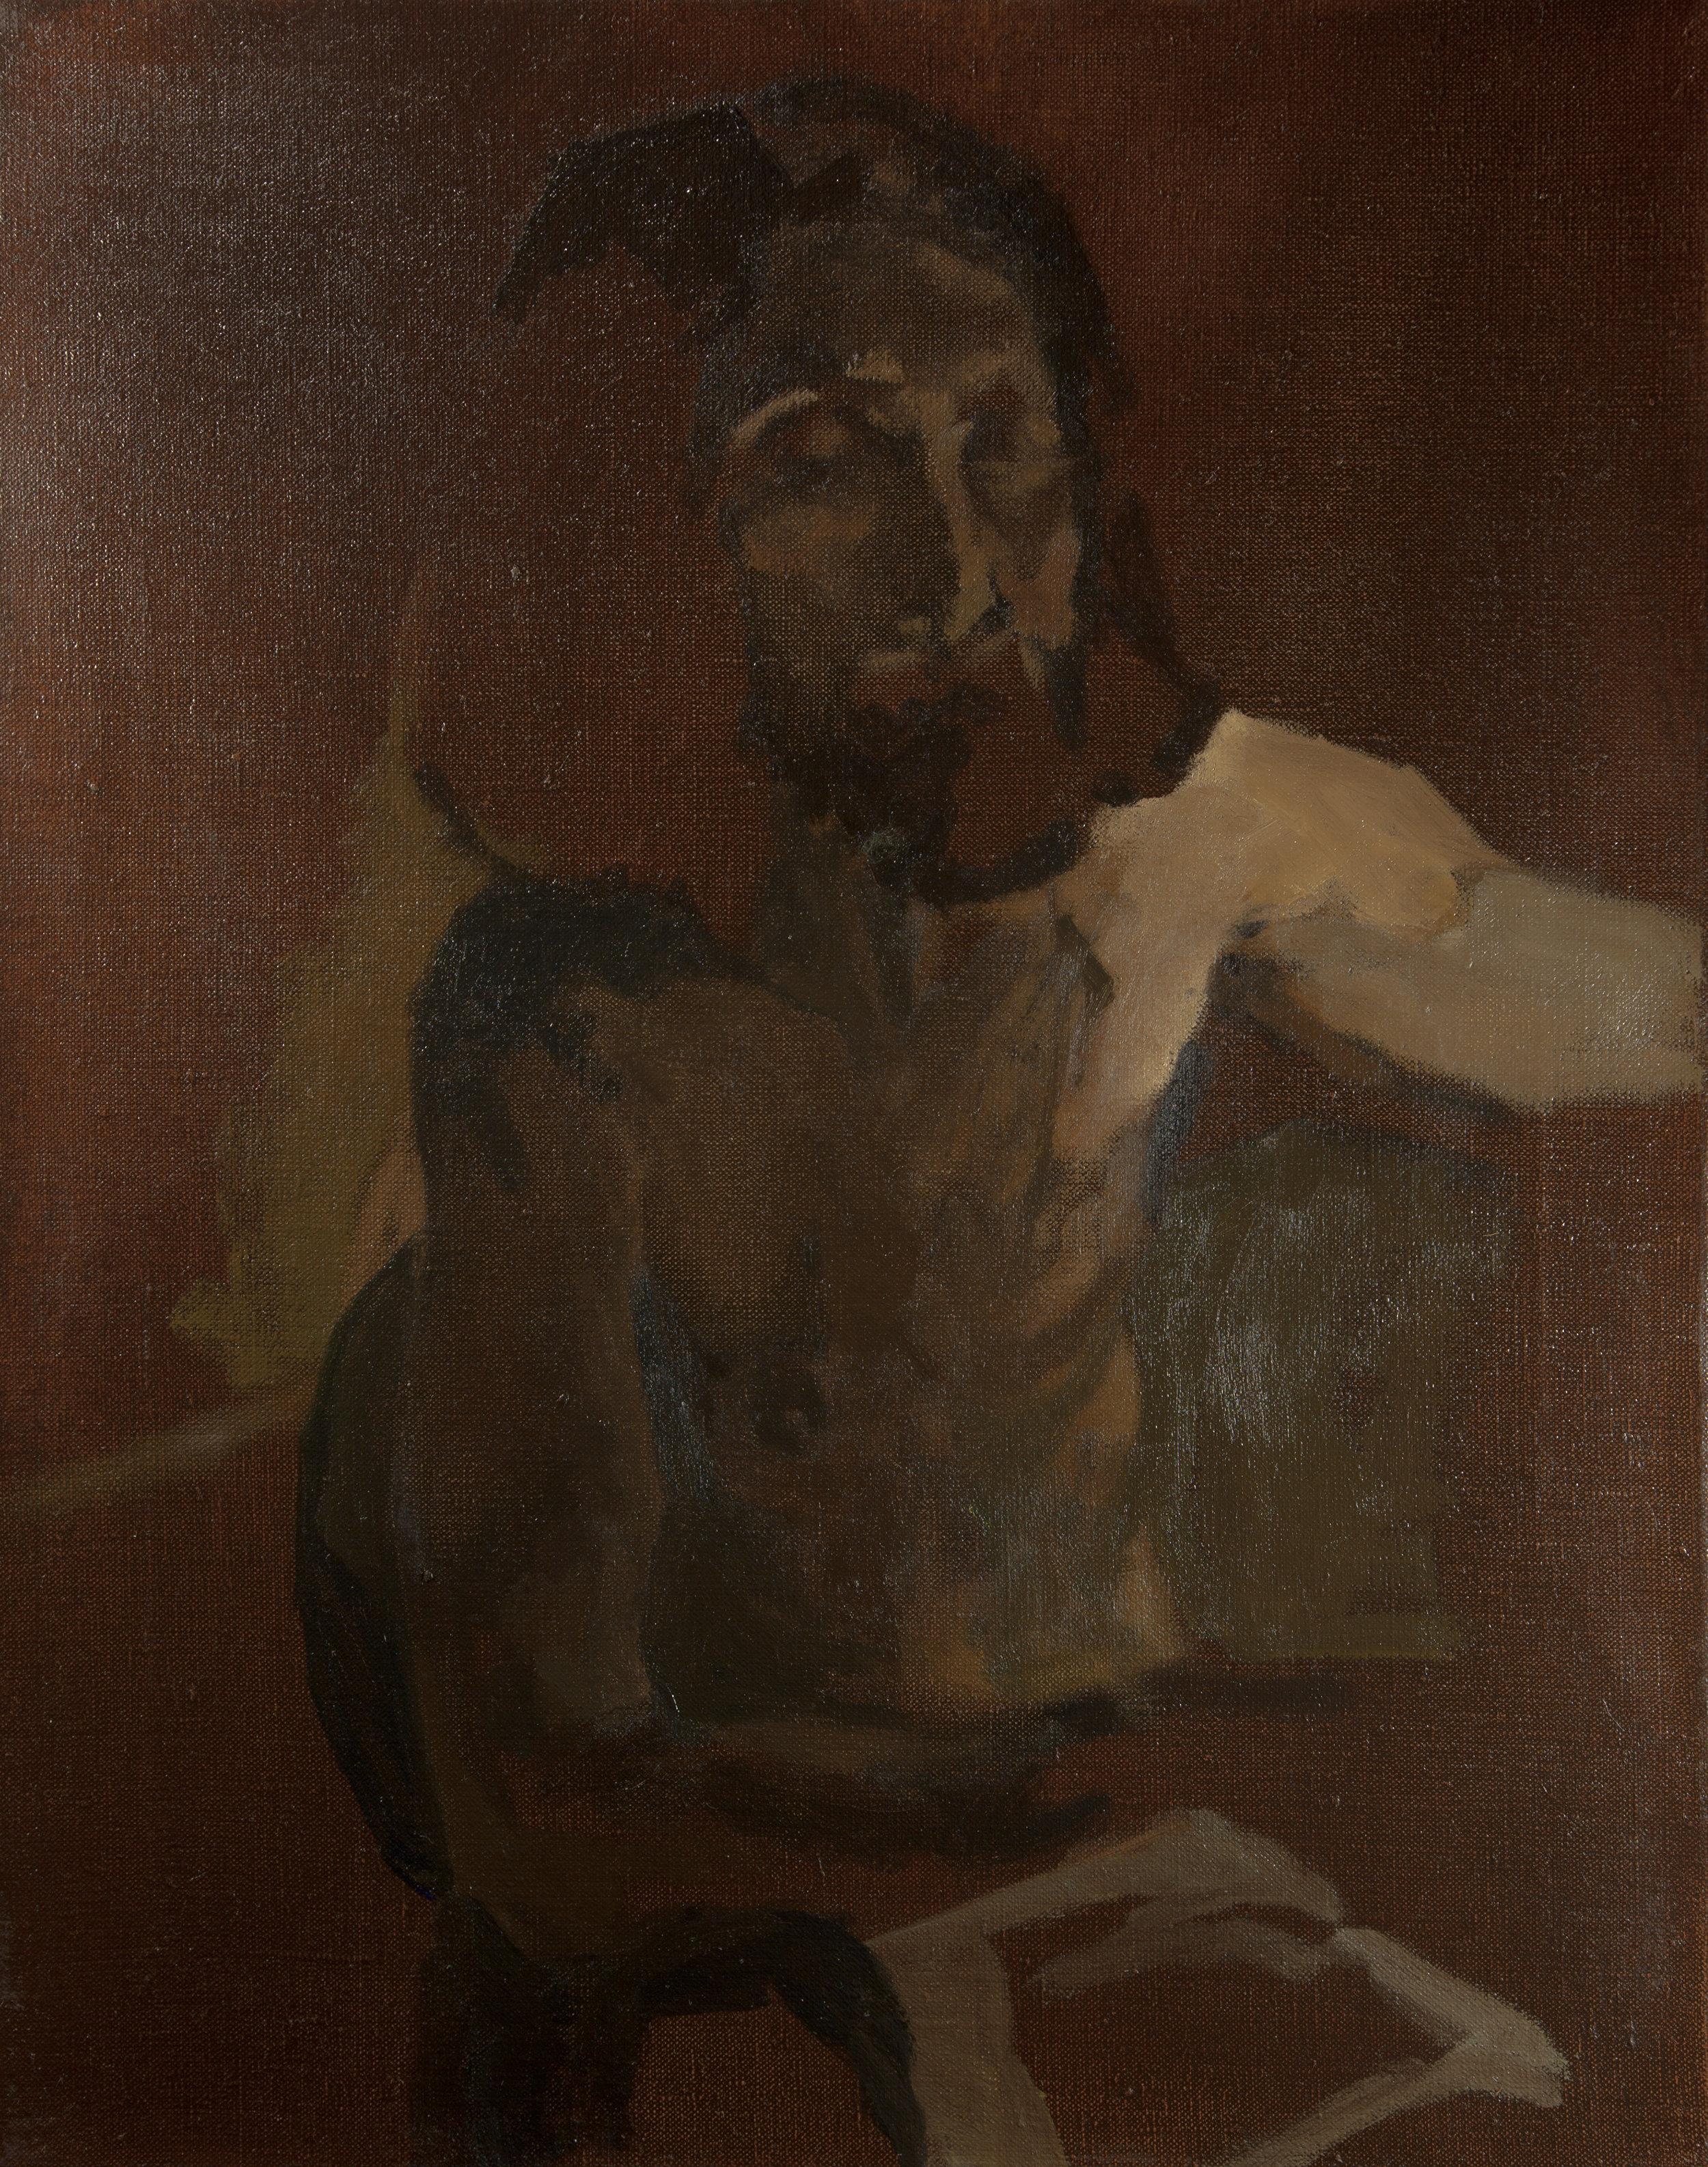 Self Portrait, 40 cm x 50 cm, oil on linen, 2019